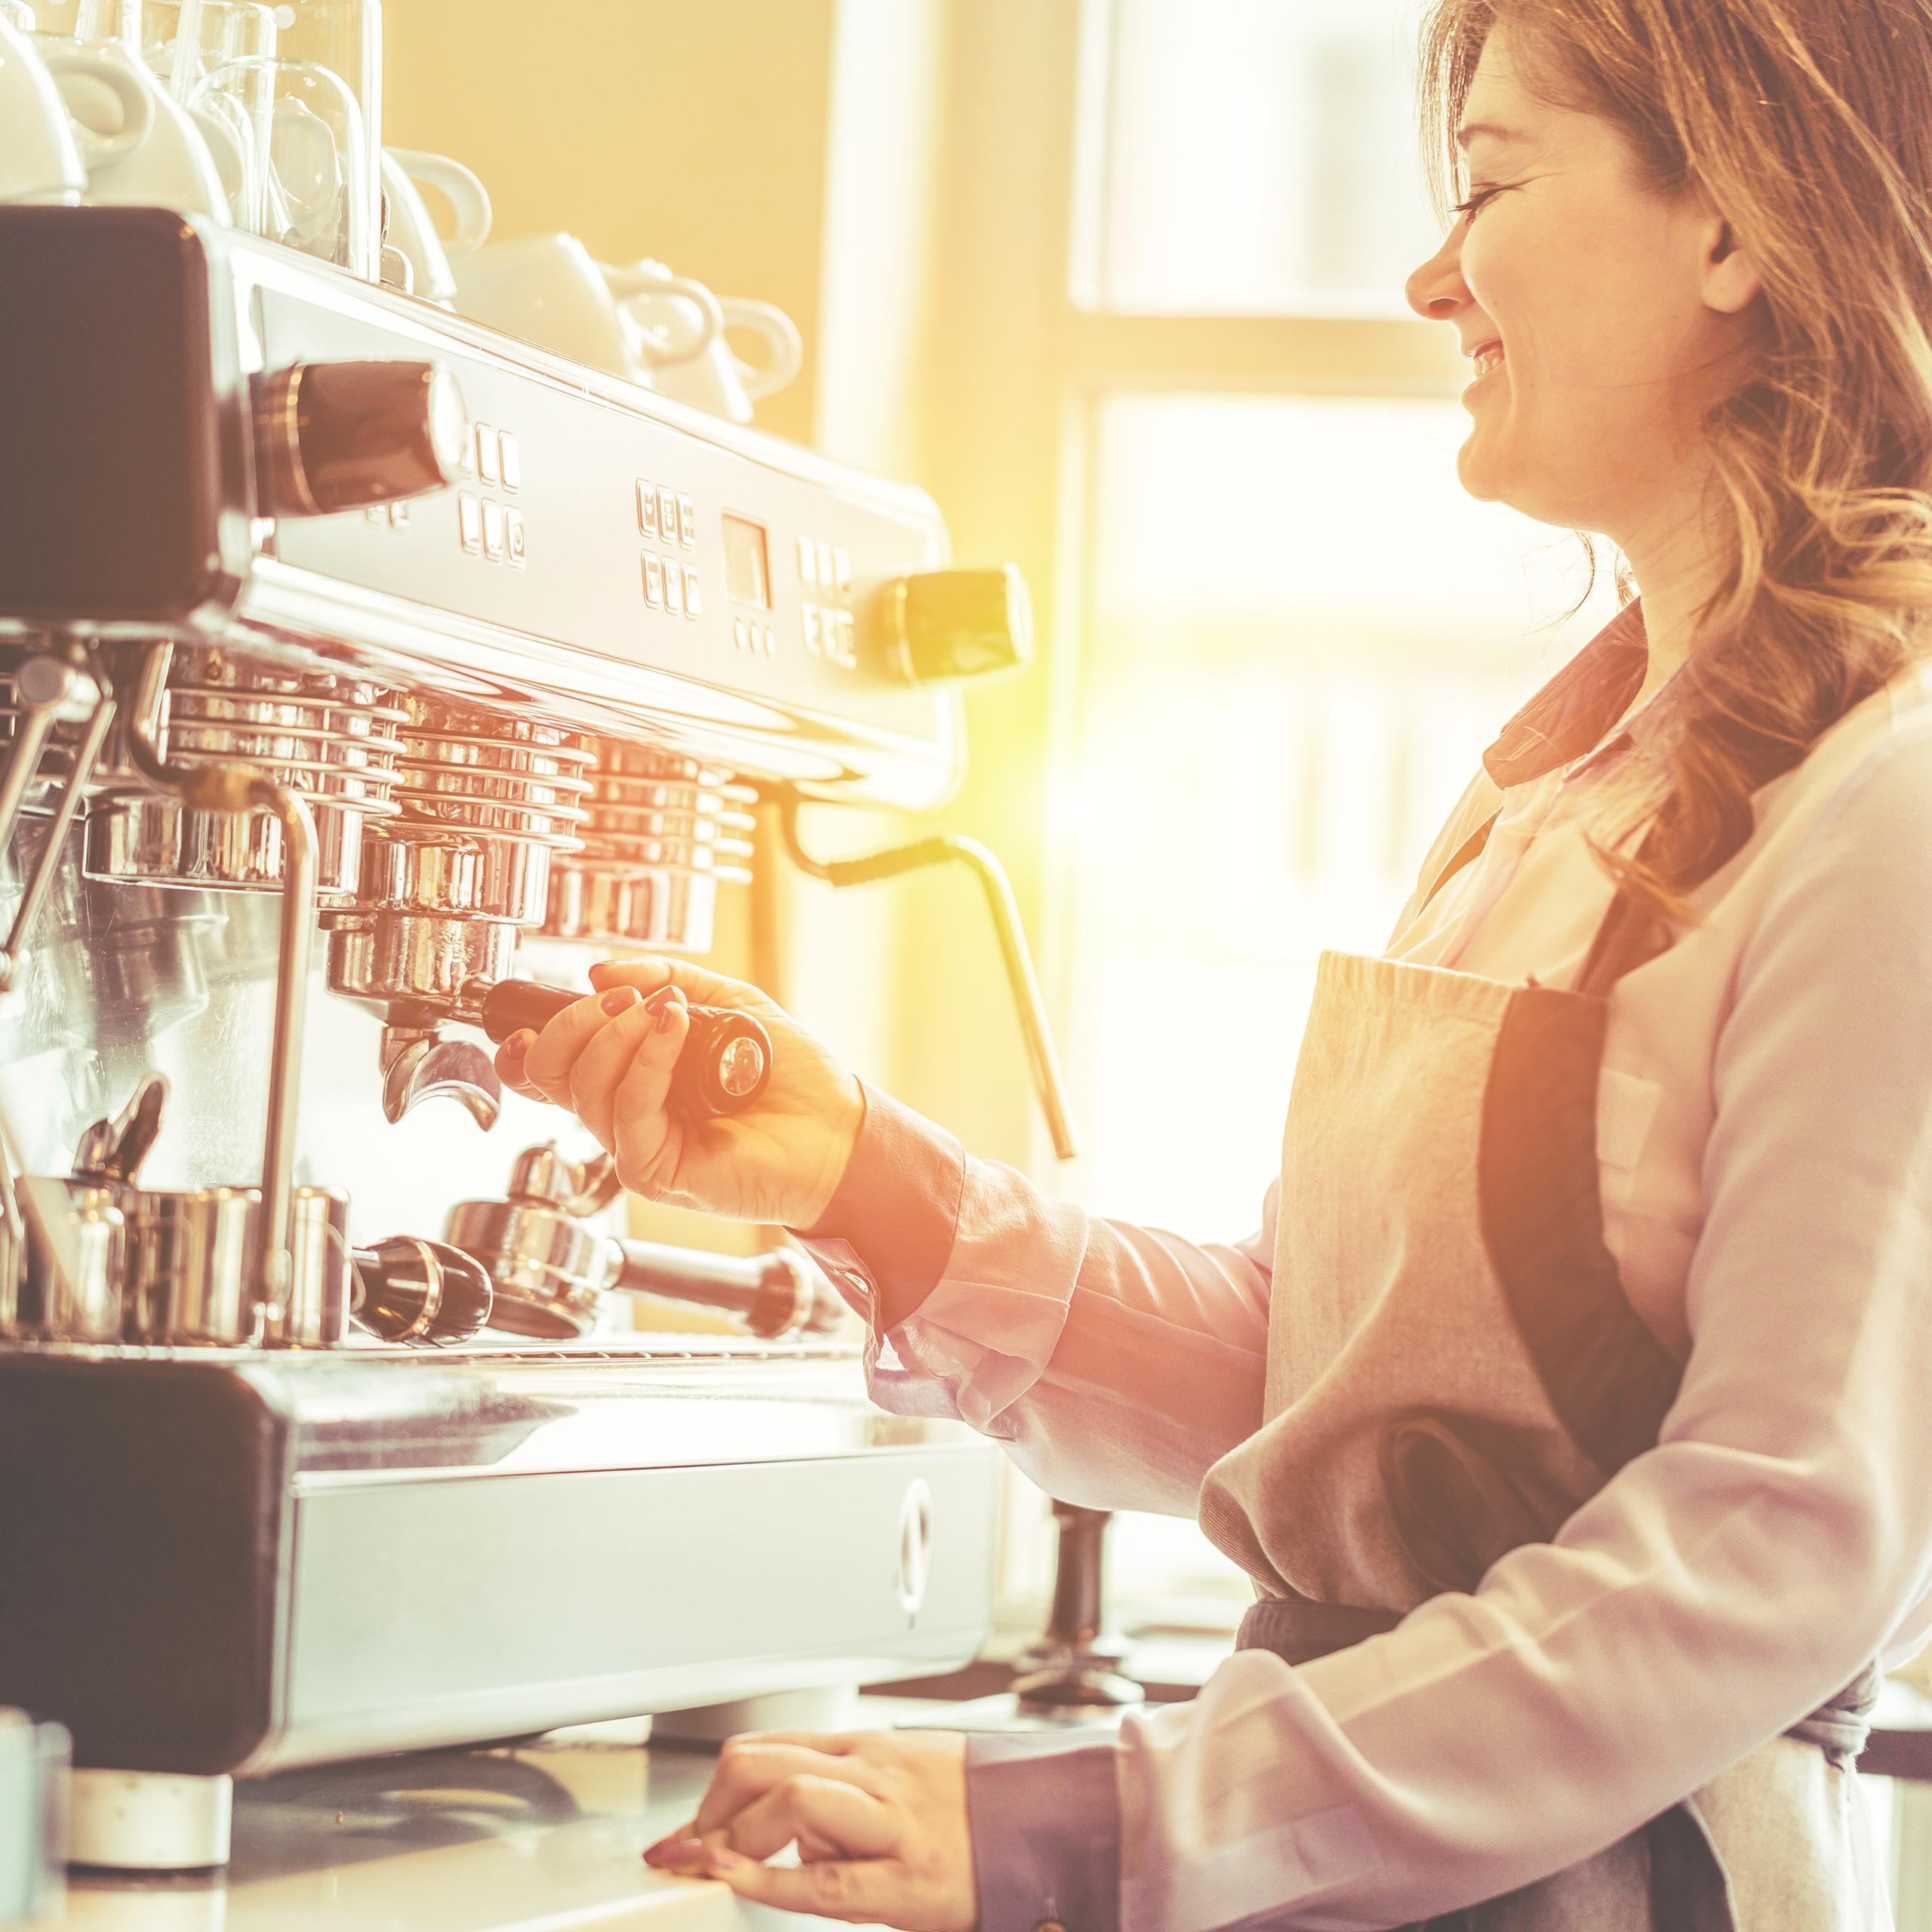 Thermoglaeser-Set-2-Glaeser-Doppelwand-Latte-Macchiato-Cappuccino-Espresso Indexbild 7